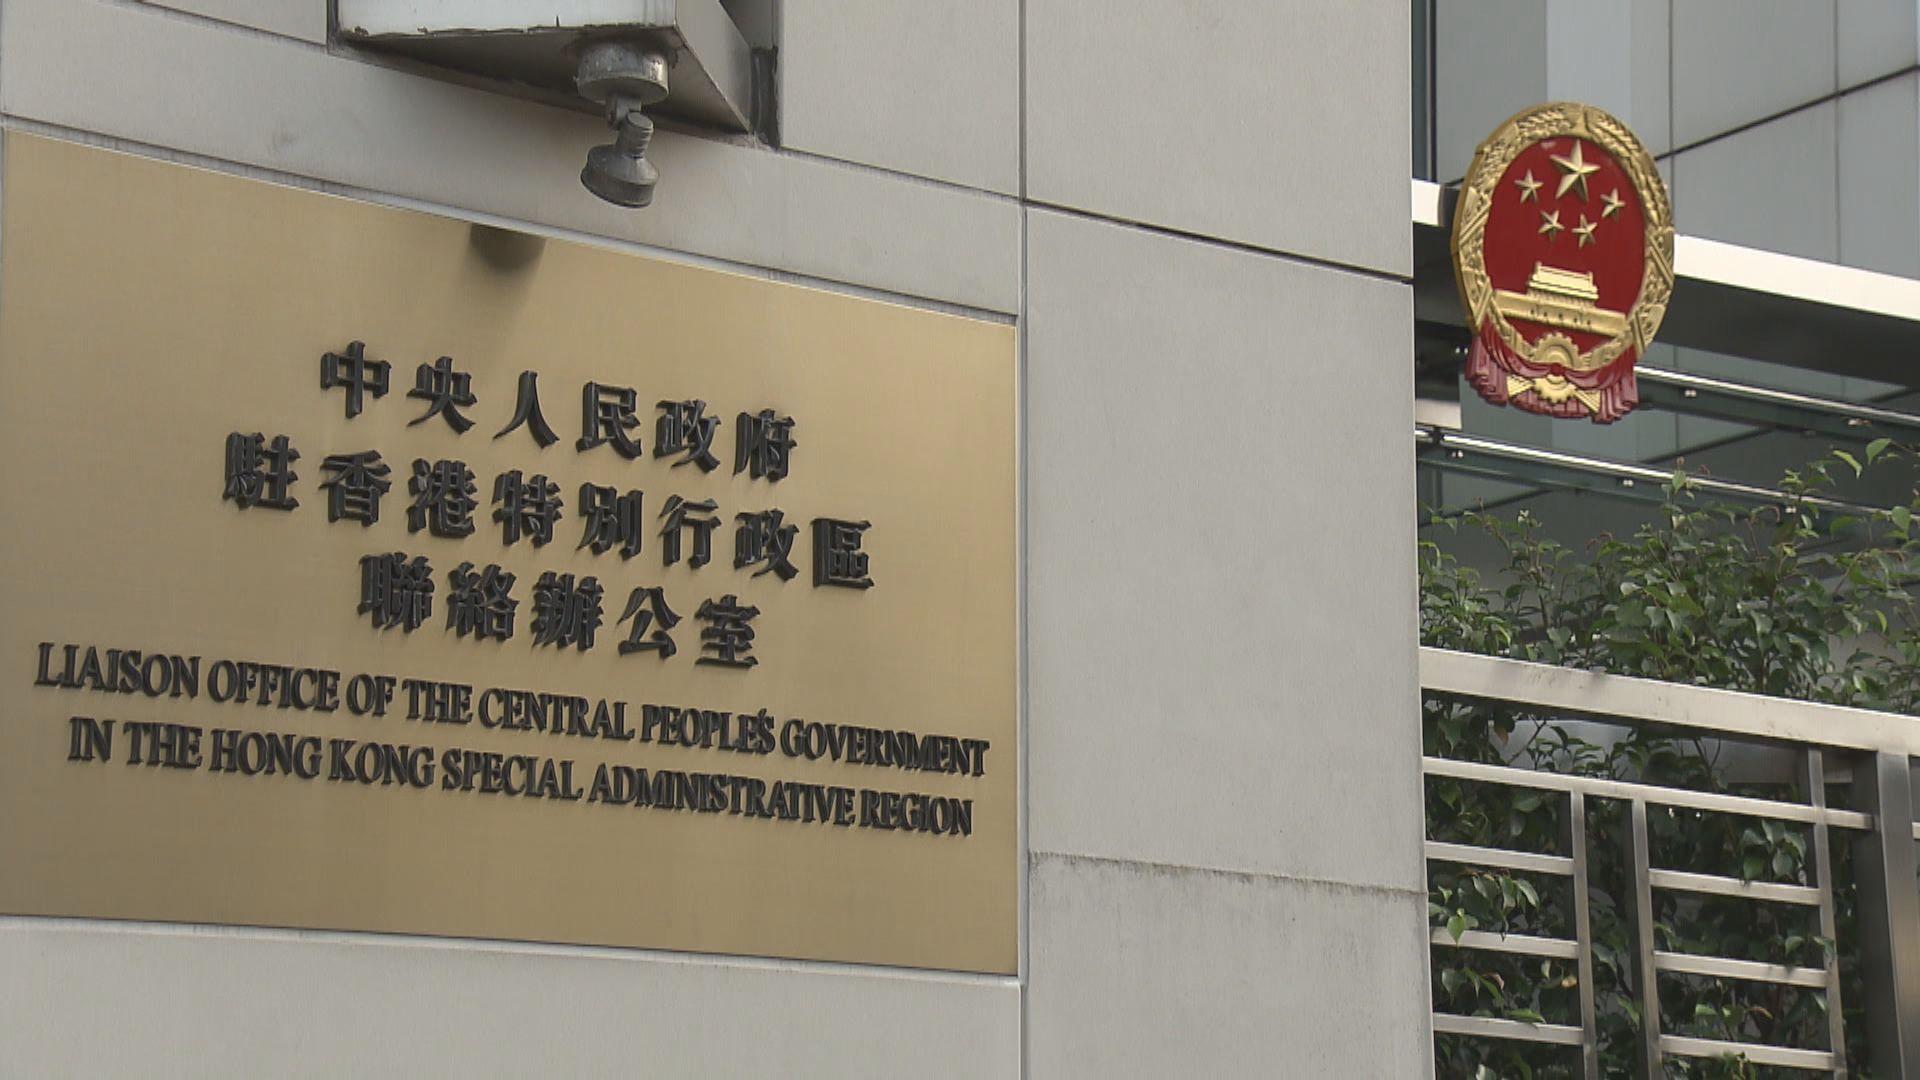 中聯辦支持特區政府查處於中大涉違反國安法行為